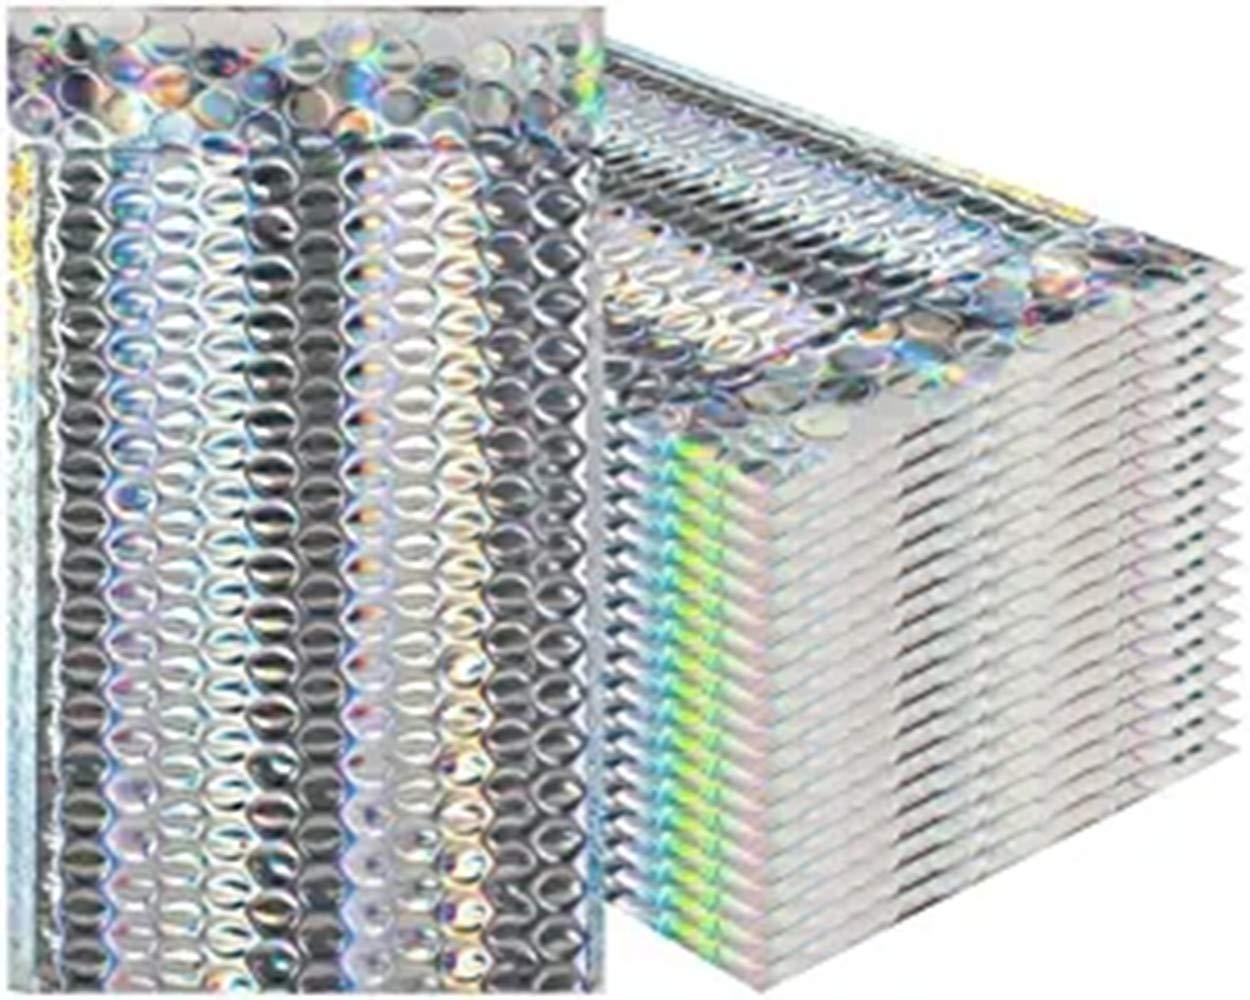 Patte autocollante M/étallique Exp/édition Emballage. ANNIUP Lot de 25 enveloppes matelass/ées /à Bulles Glamour holographiques Dimensions ext/érieures 22,9 x 15,2 cm Emballage